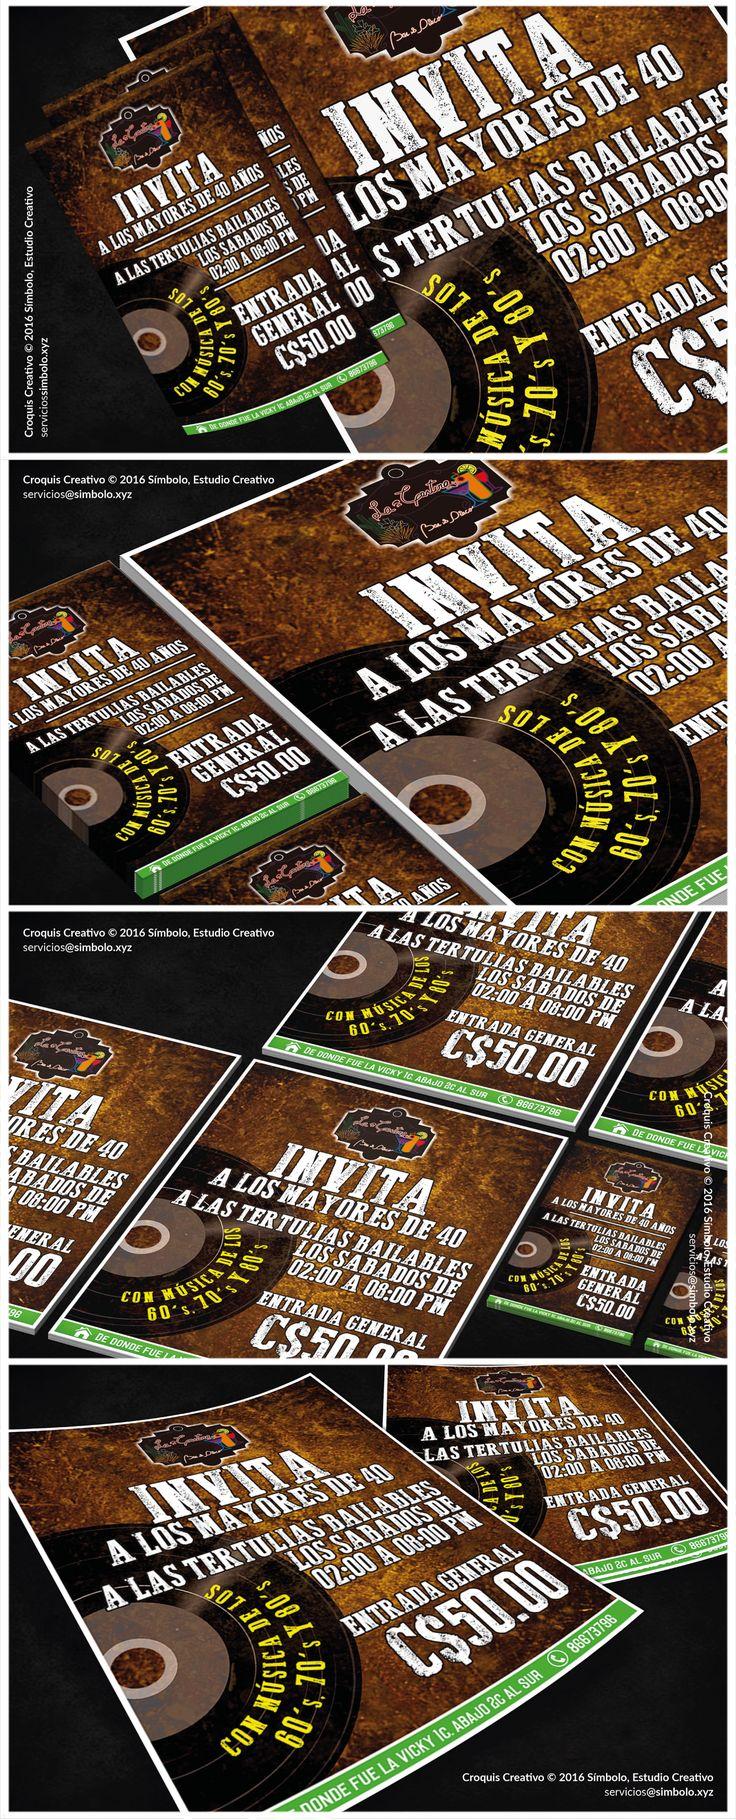 #Comunicacion #Diseño #GraficosImpresos #Marketing Concepto creativo y diseño gráfico de los afiches informativos para los eventos corporativos.